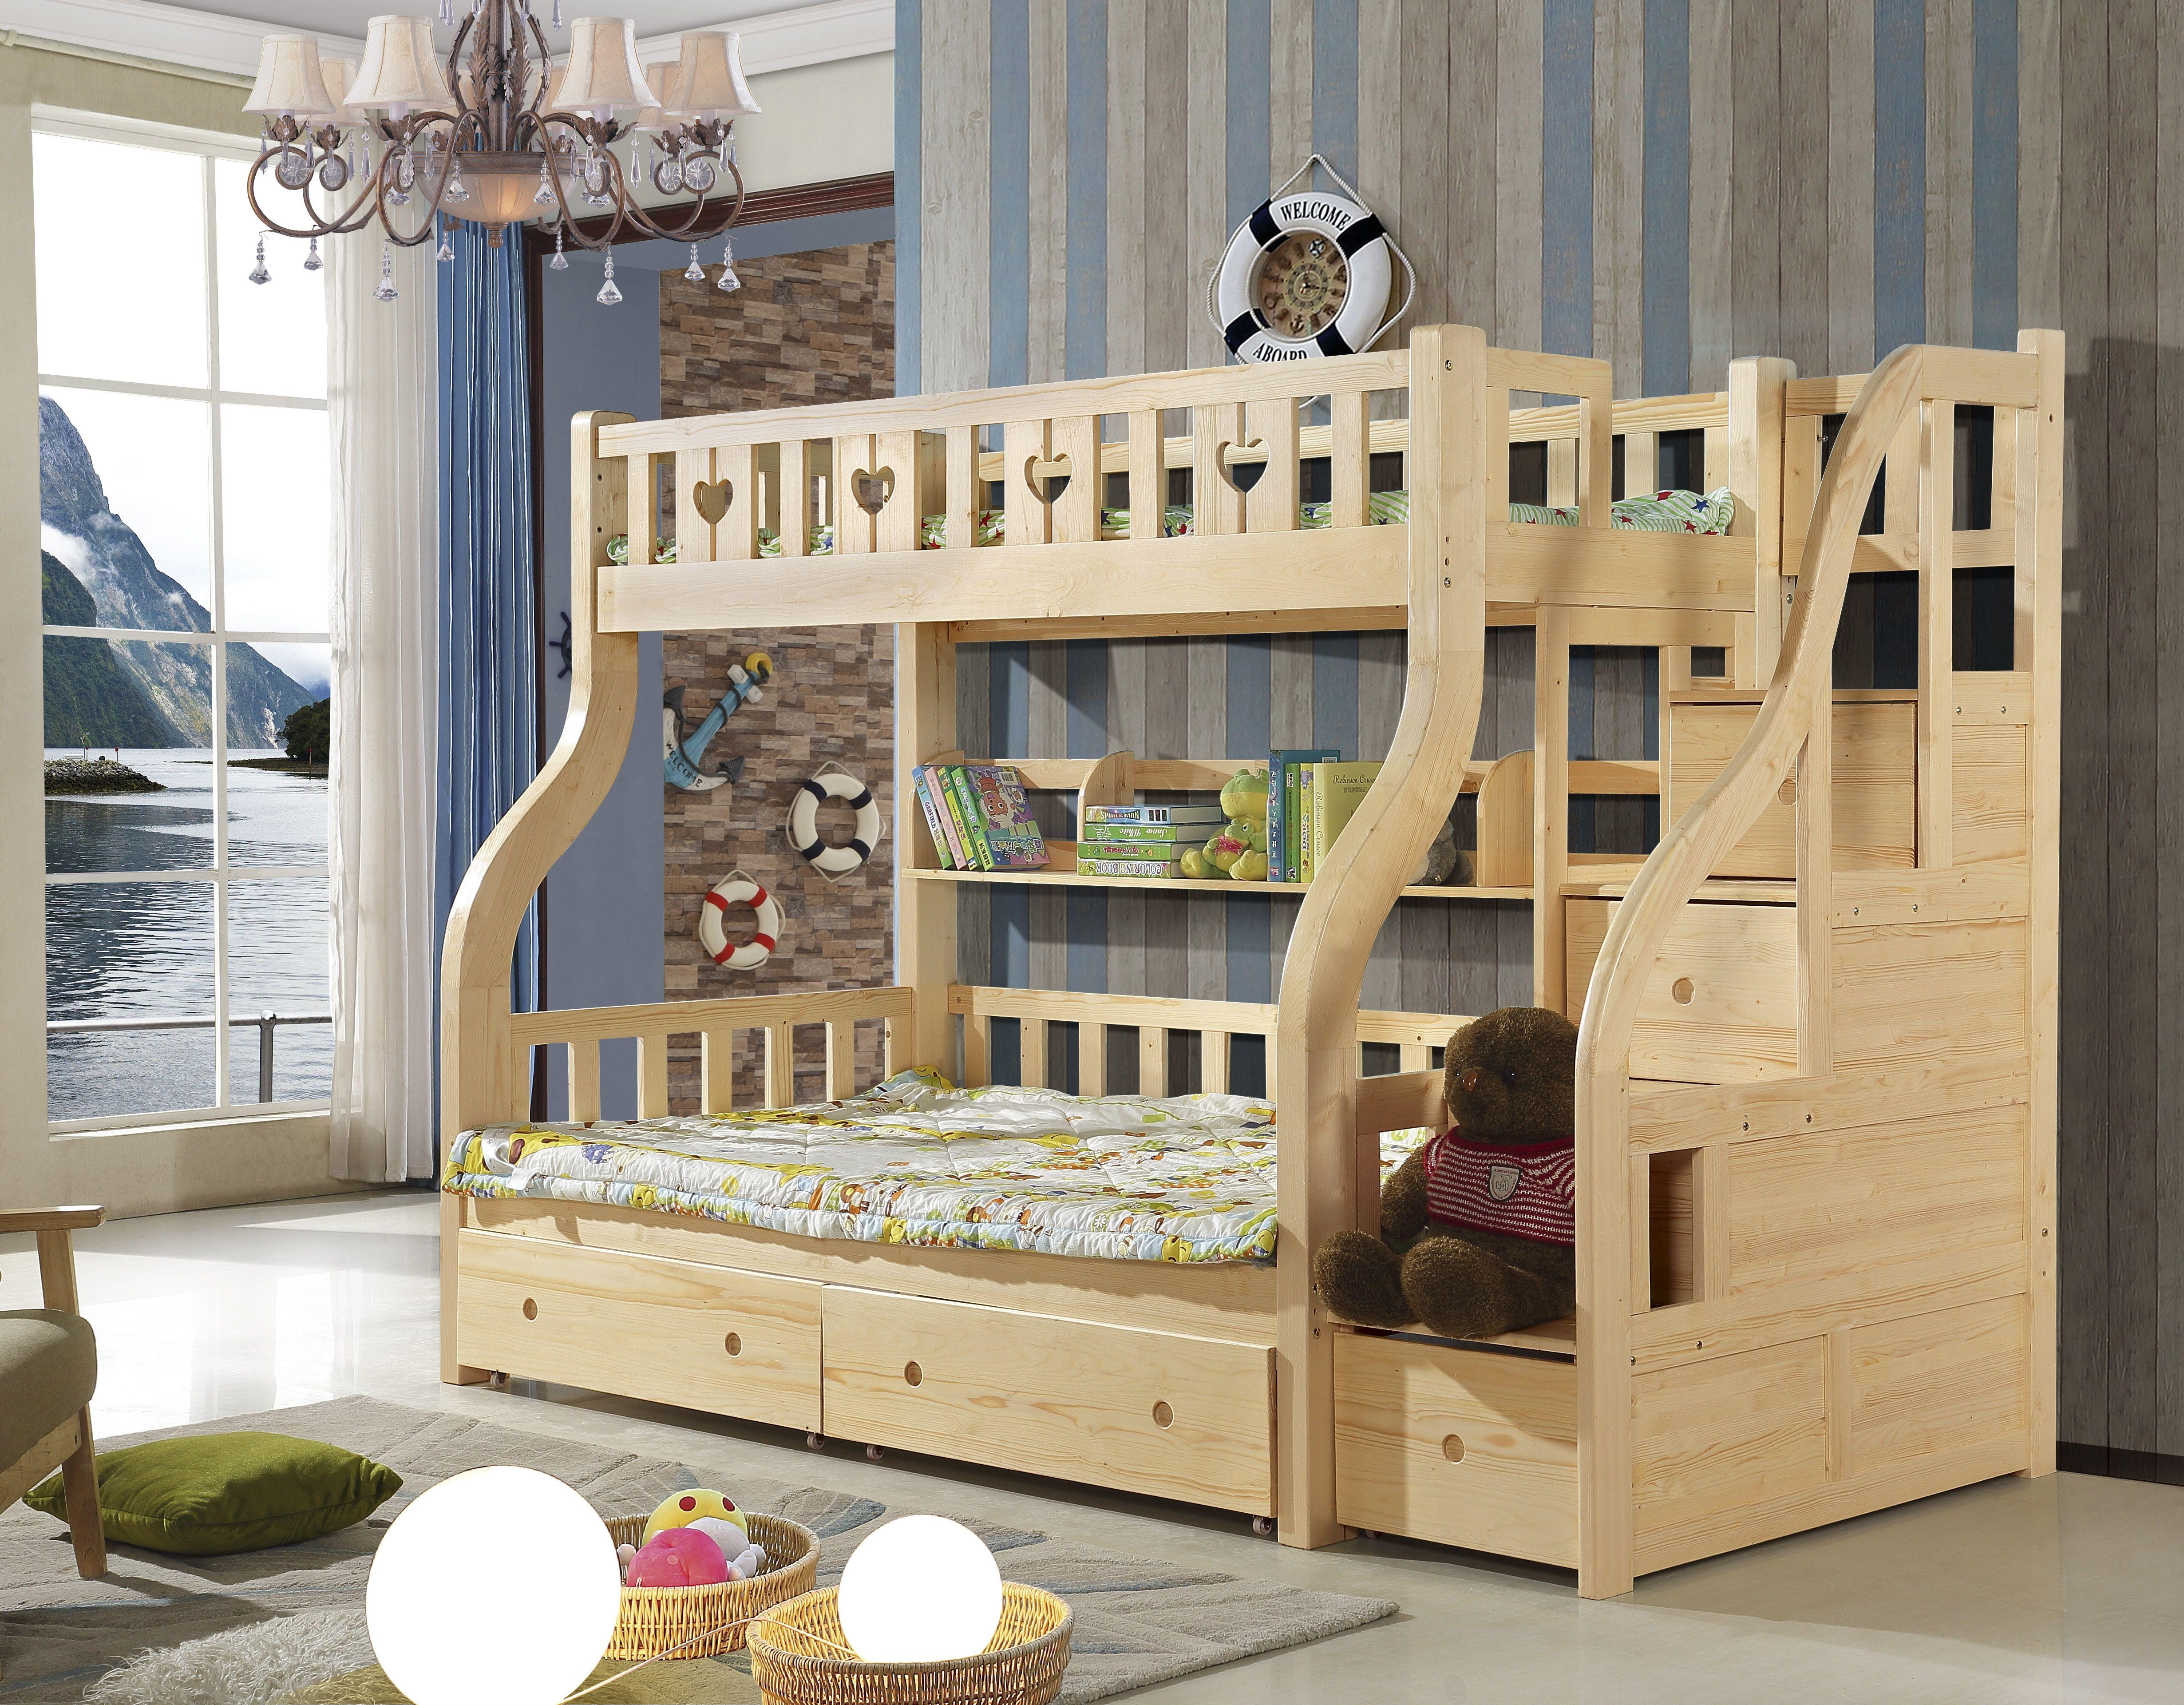 Loft bed ladder ideas  Pin by Guolin Fuzhou on Bunk bedhot sale  Pinterest